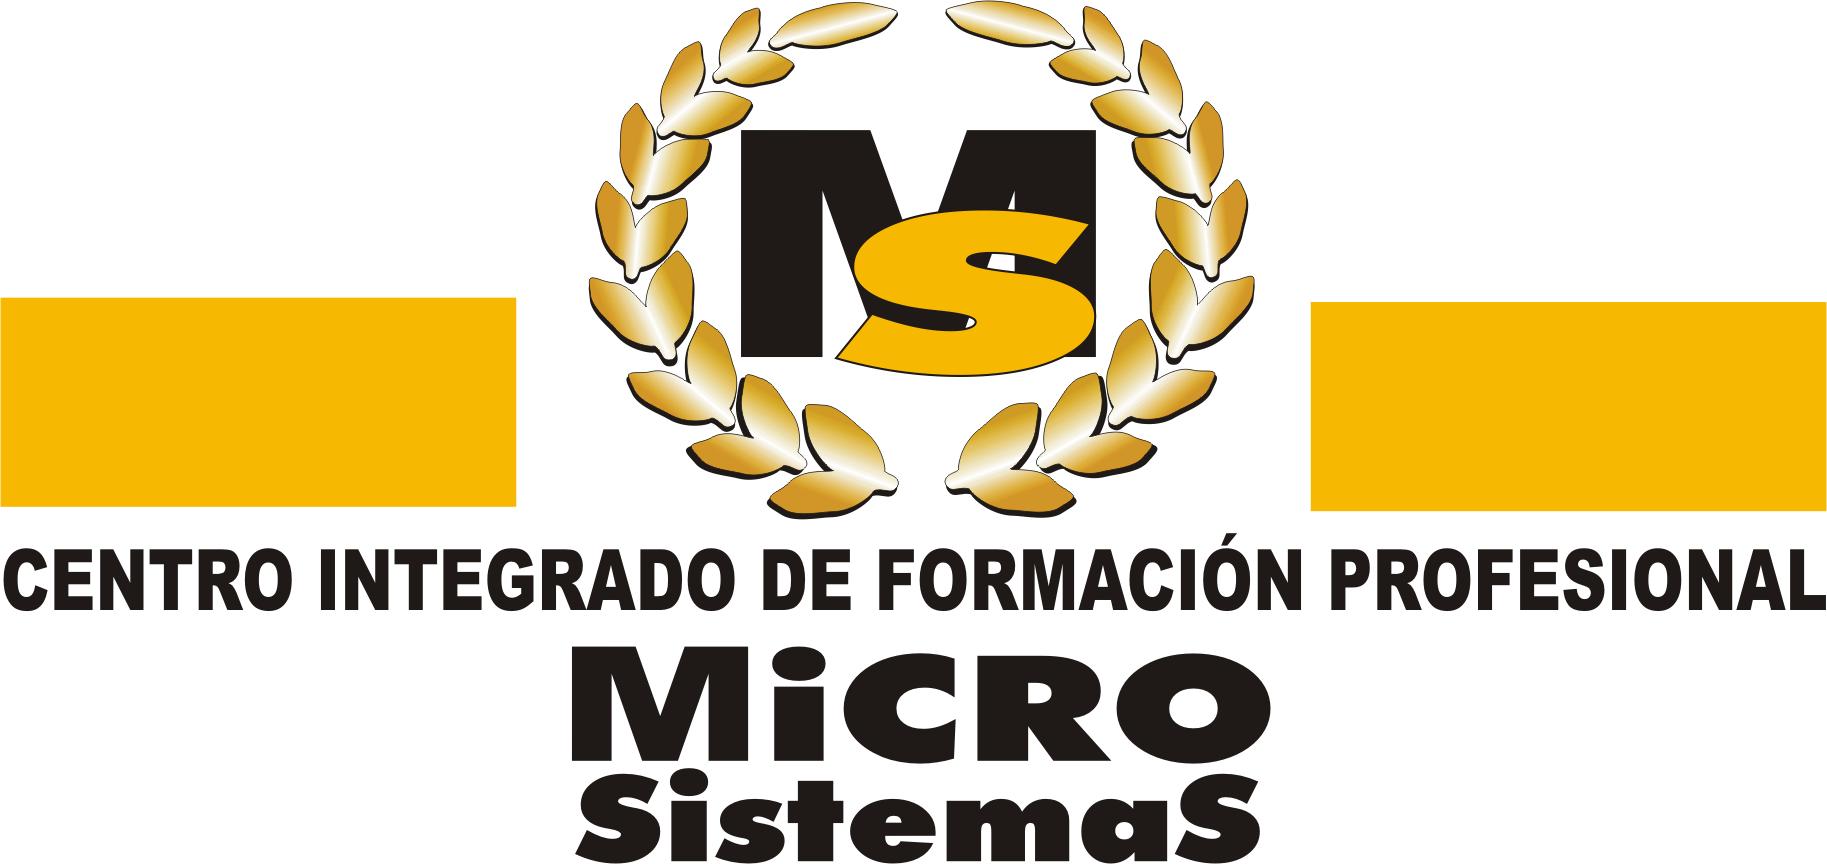 Diseño web en Lanzarote - Weblanz - Microsistemas